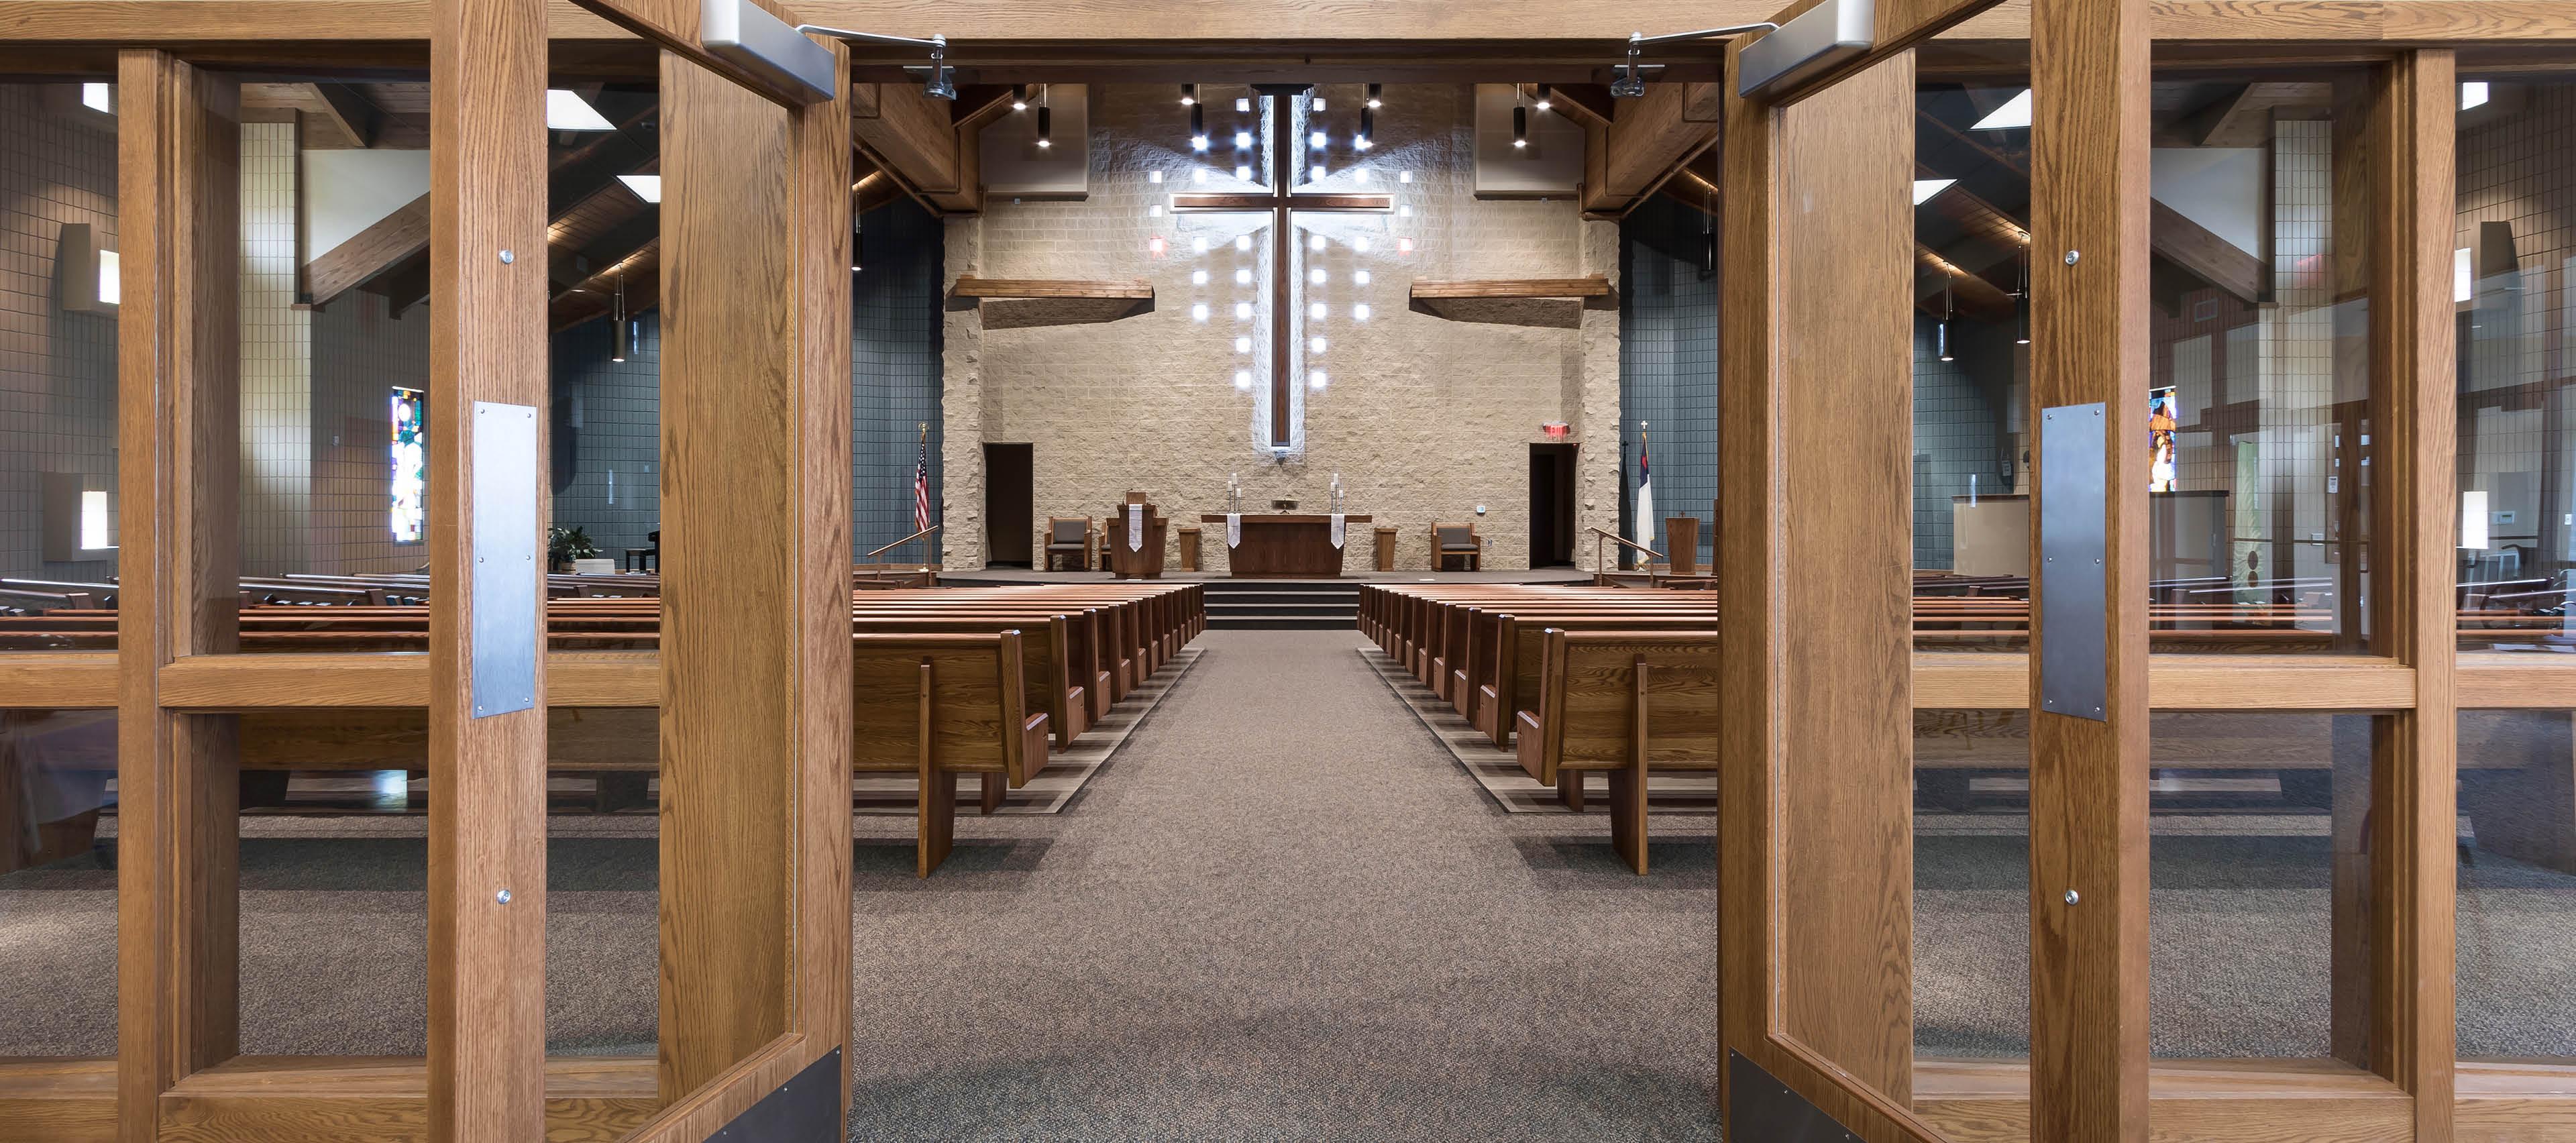 Hosanna Lutheran inner view